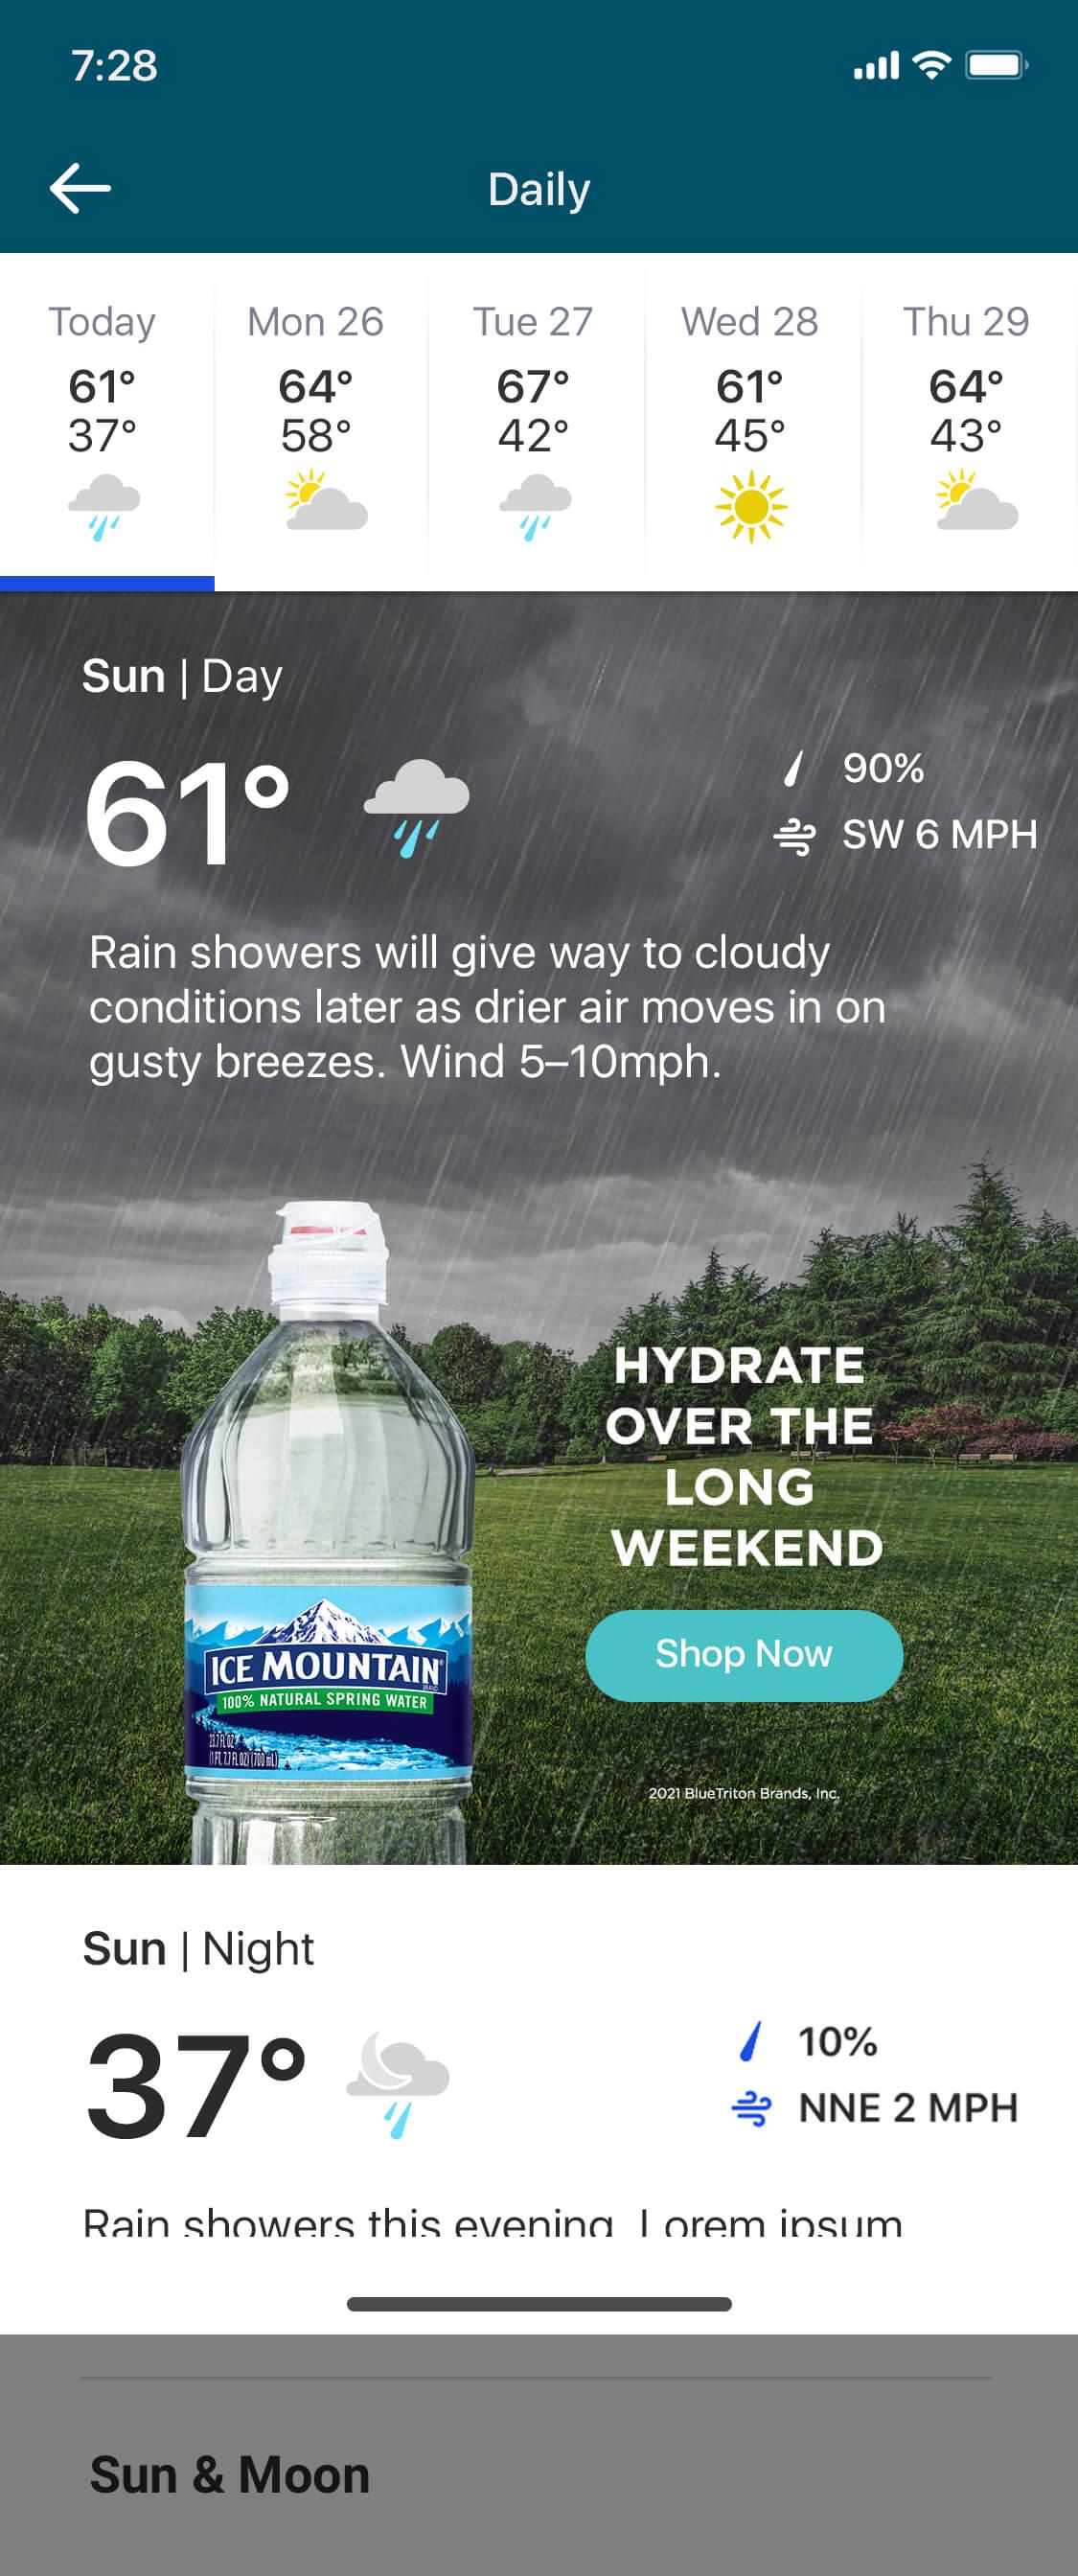 IM-Blue_Triton-Labor-Day-week_ahead-rain-d